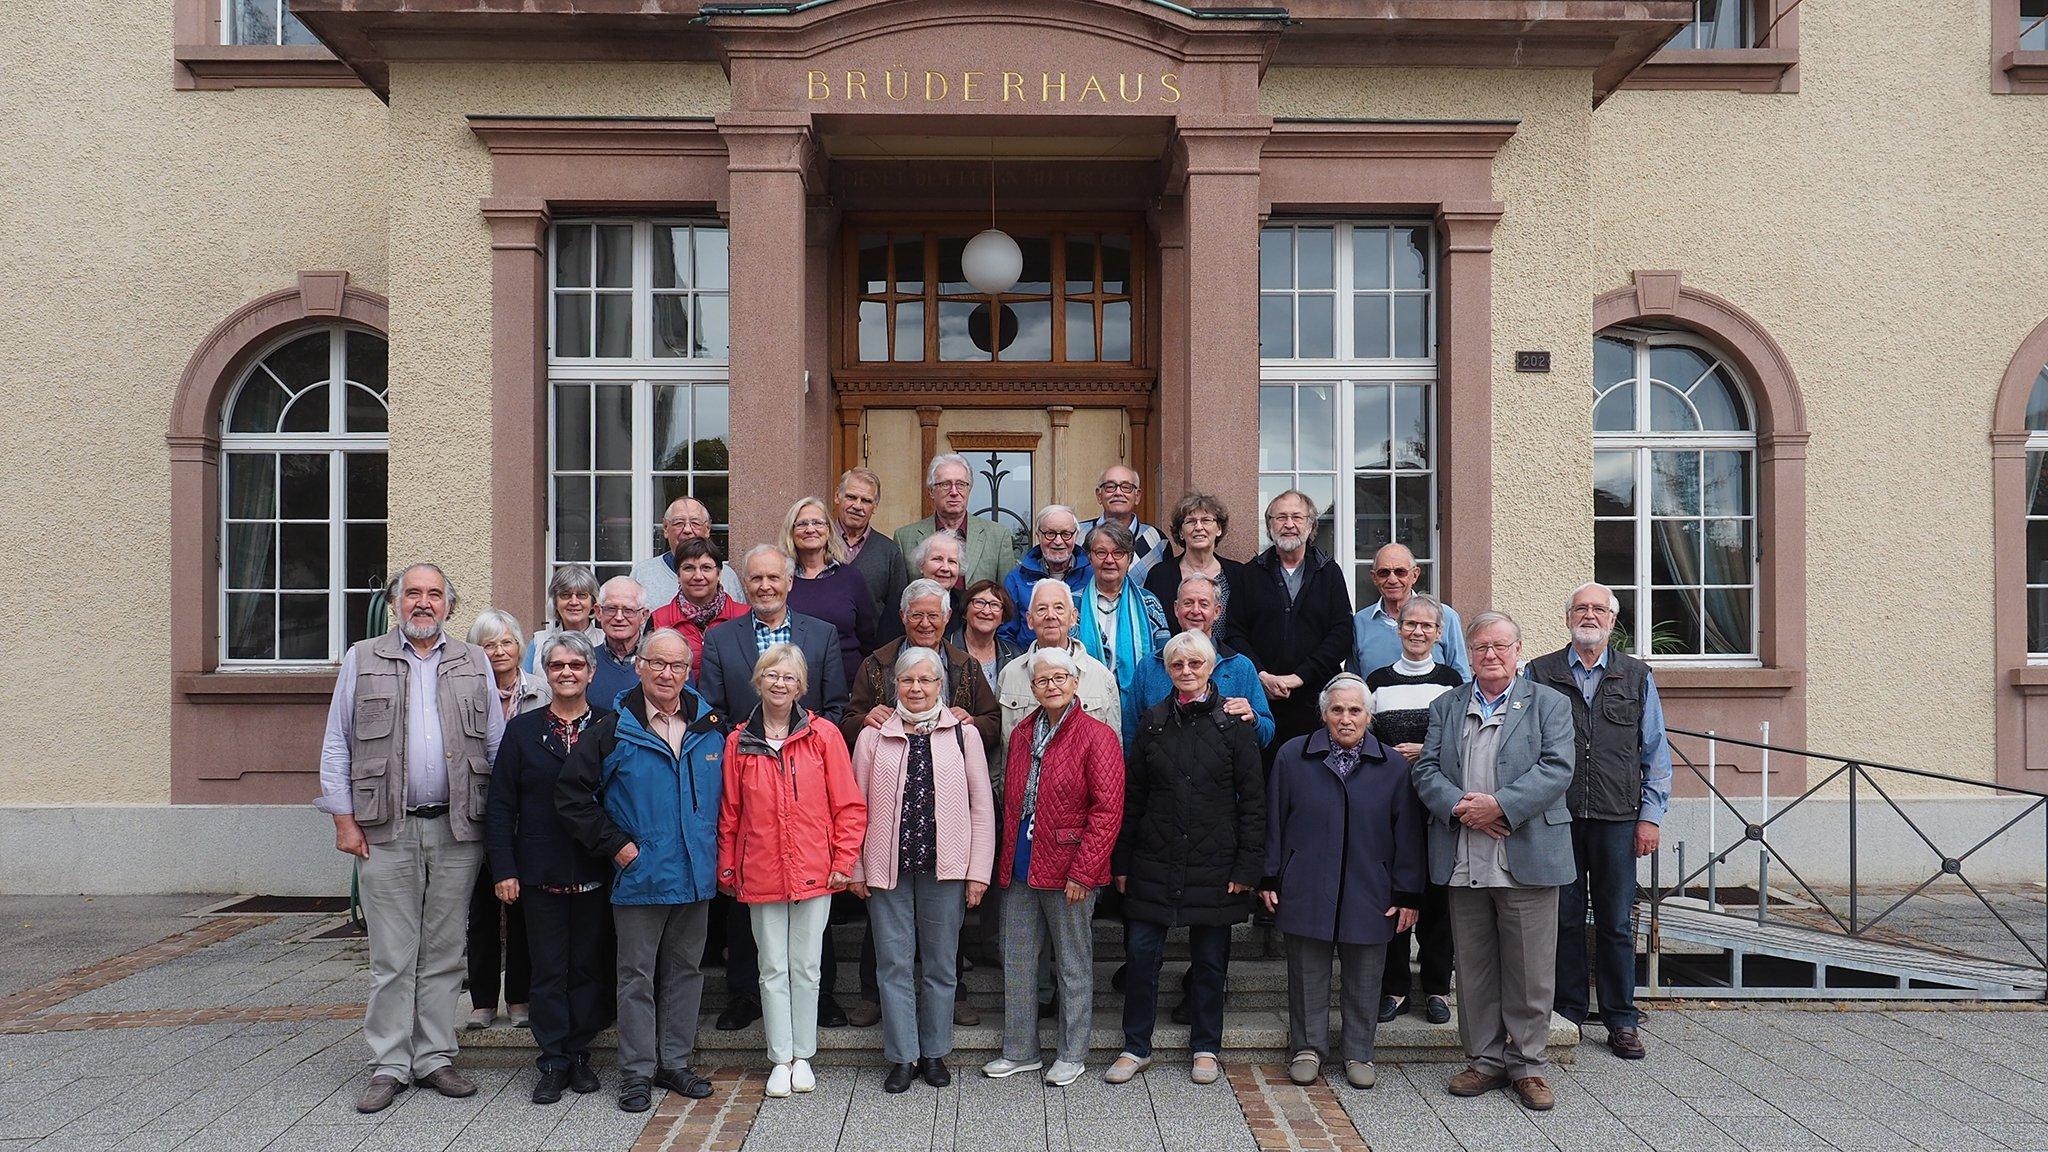 tsc-Jubiläumstreffen 2019: 50 Jahre Jubiläum (Abschlussklasse 1969)